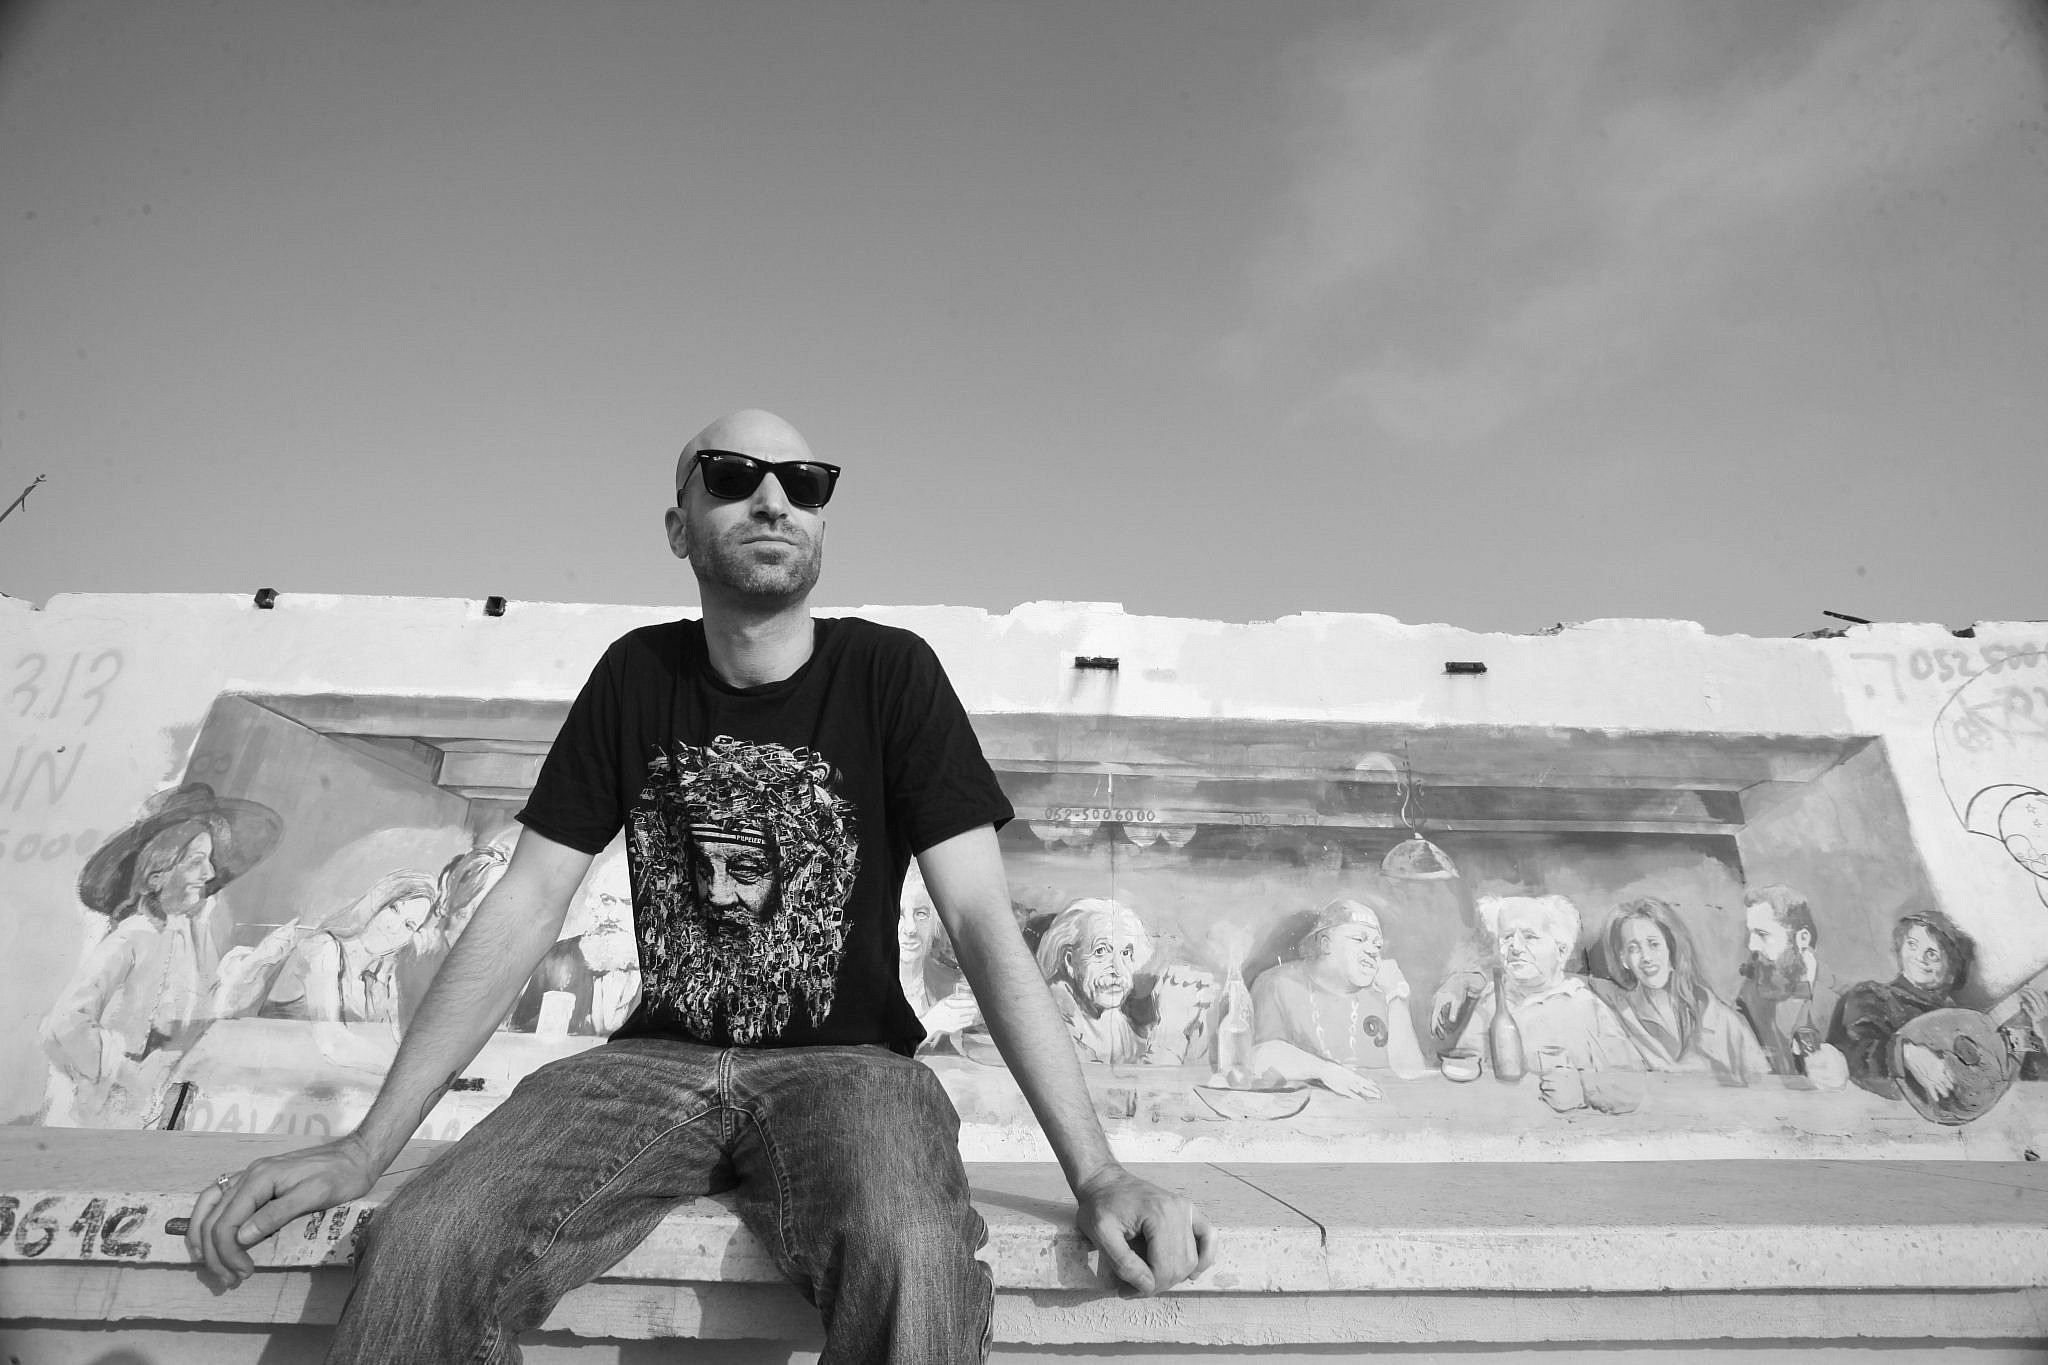 אורי שוחט (צילום: בן פלחוב)